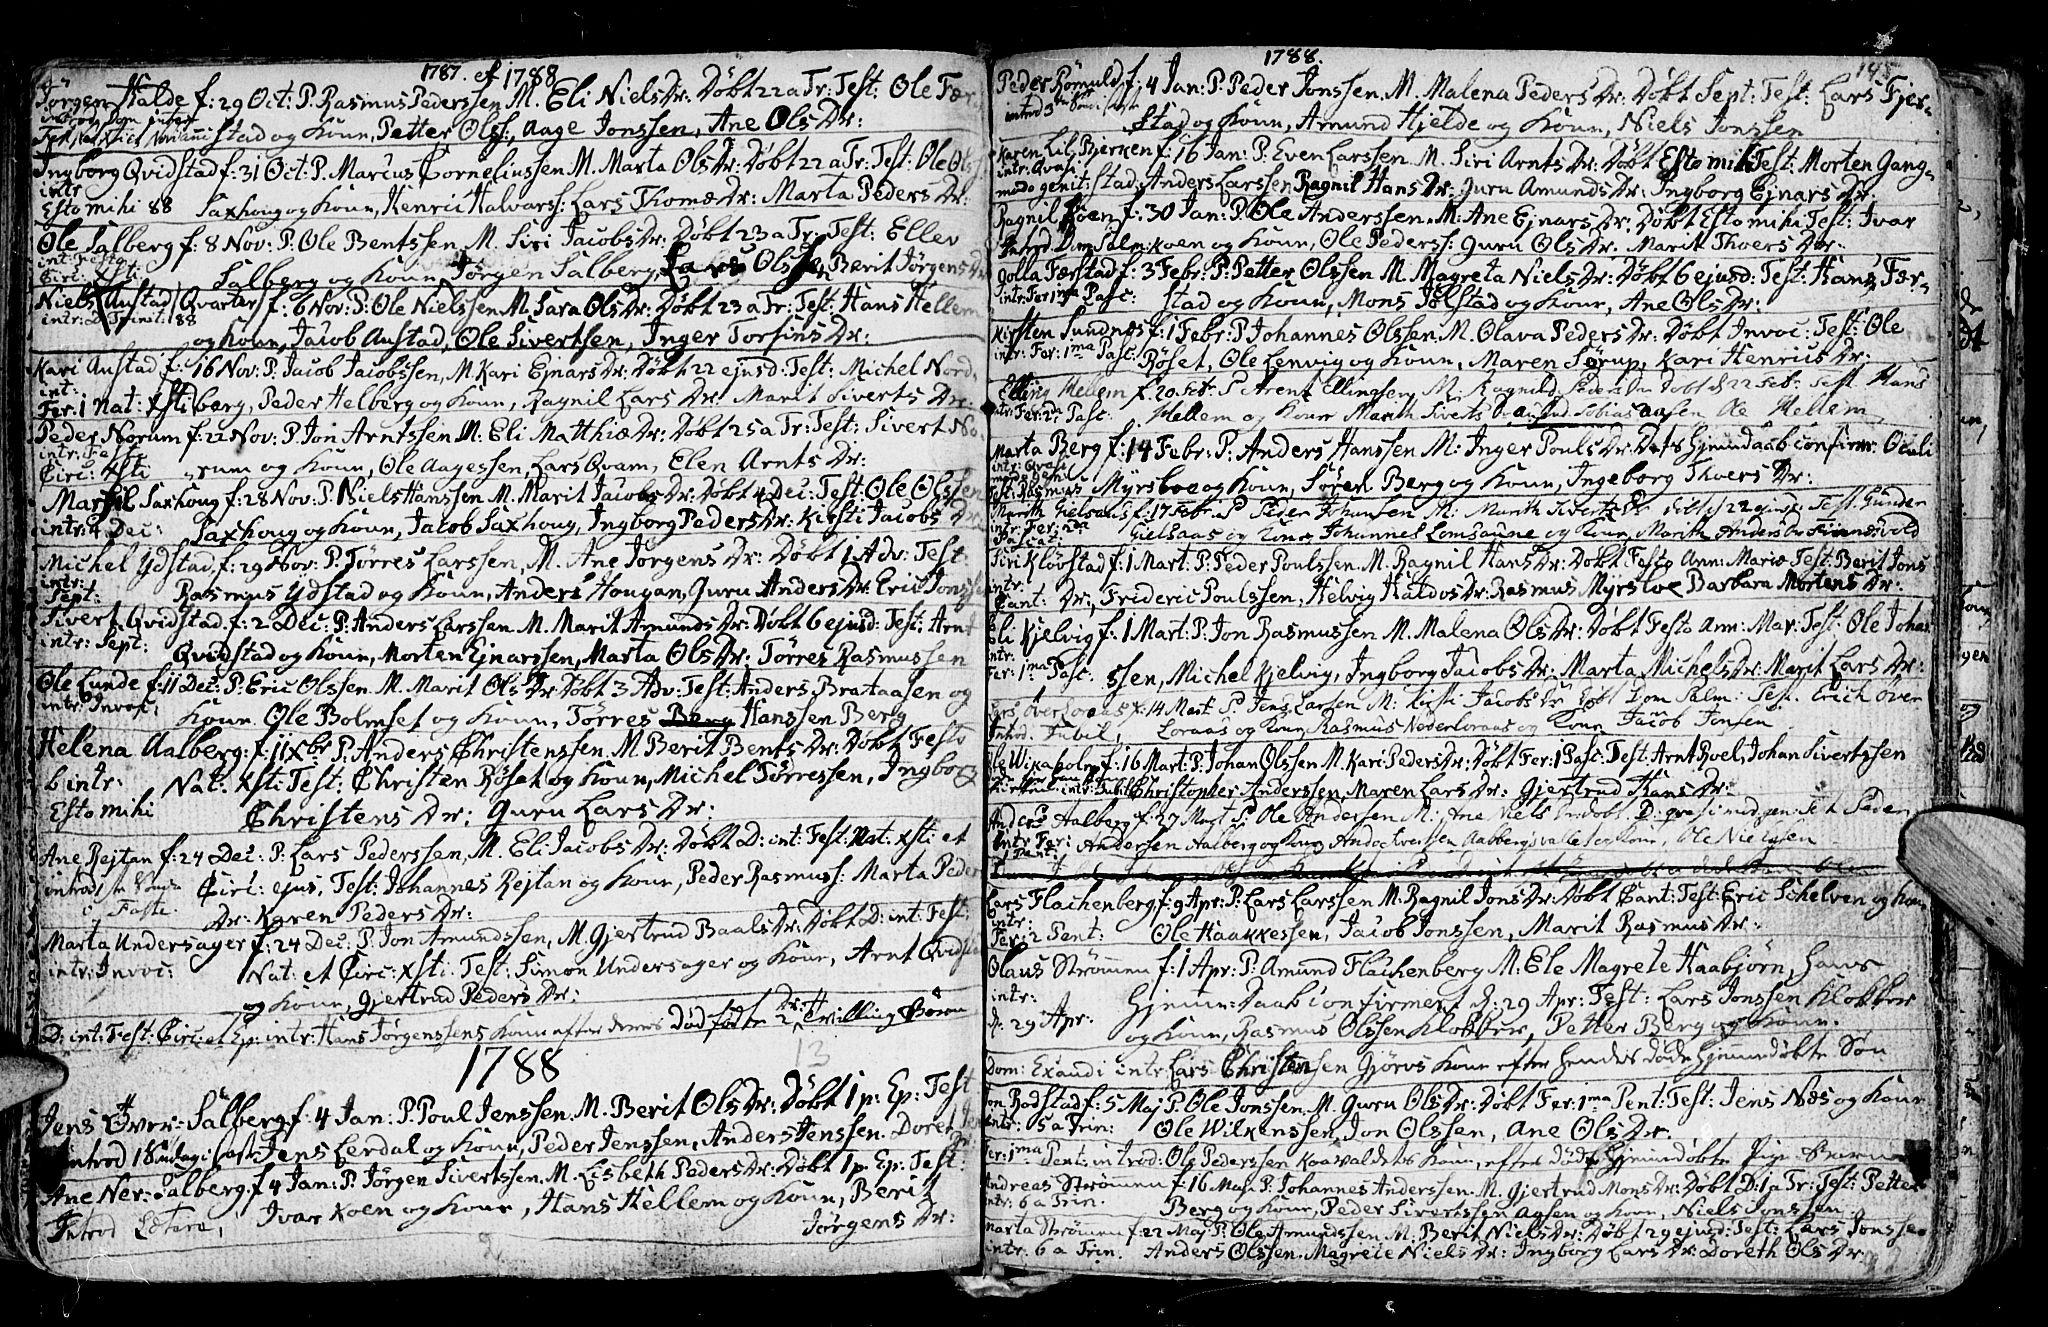 SAT, Ministerialprotokoller, klokkerbøker og fødselsregistre - Nord-Trøndelag, 730/L0273: Ministerialbok nr. 730A02, 1762-1802, s. 145